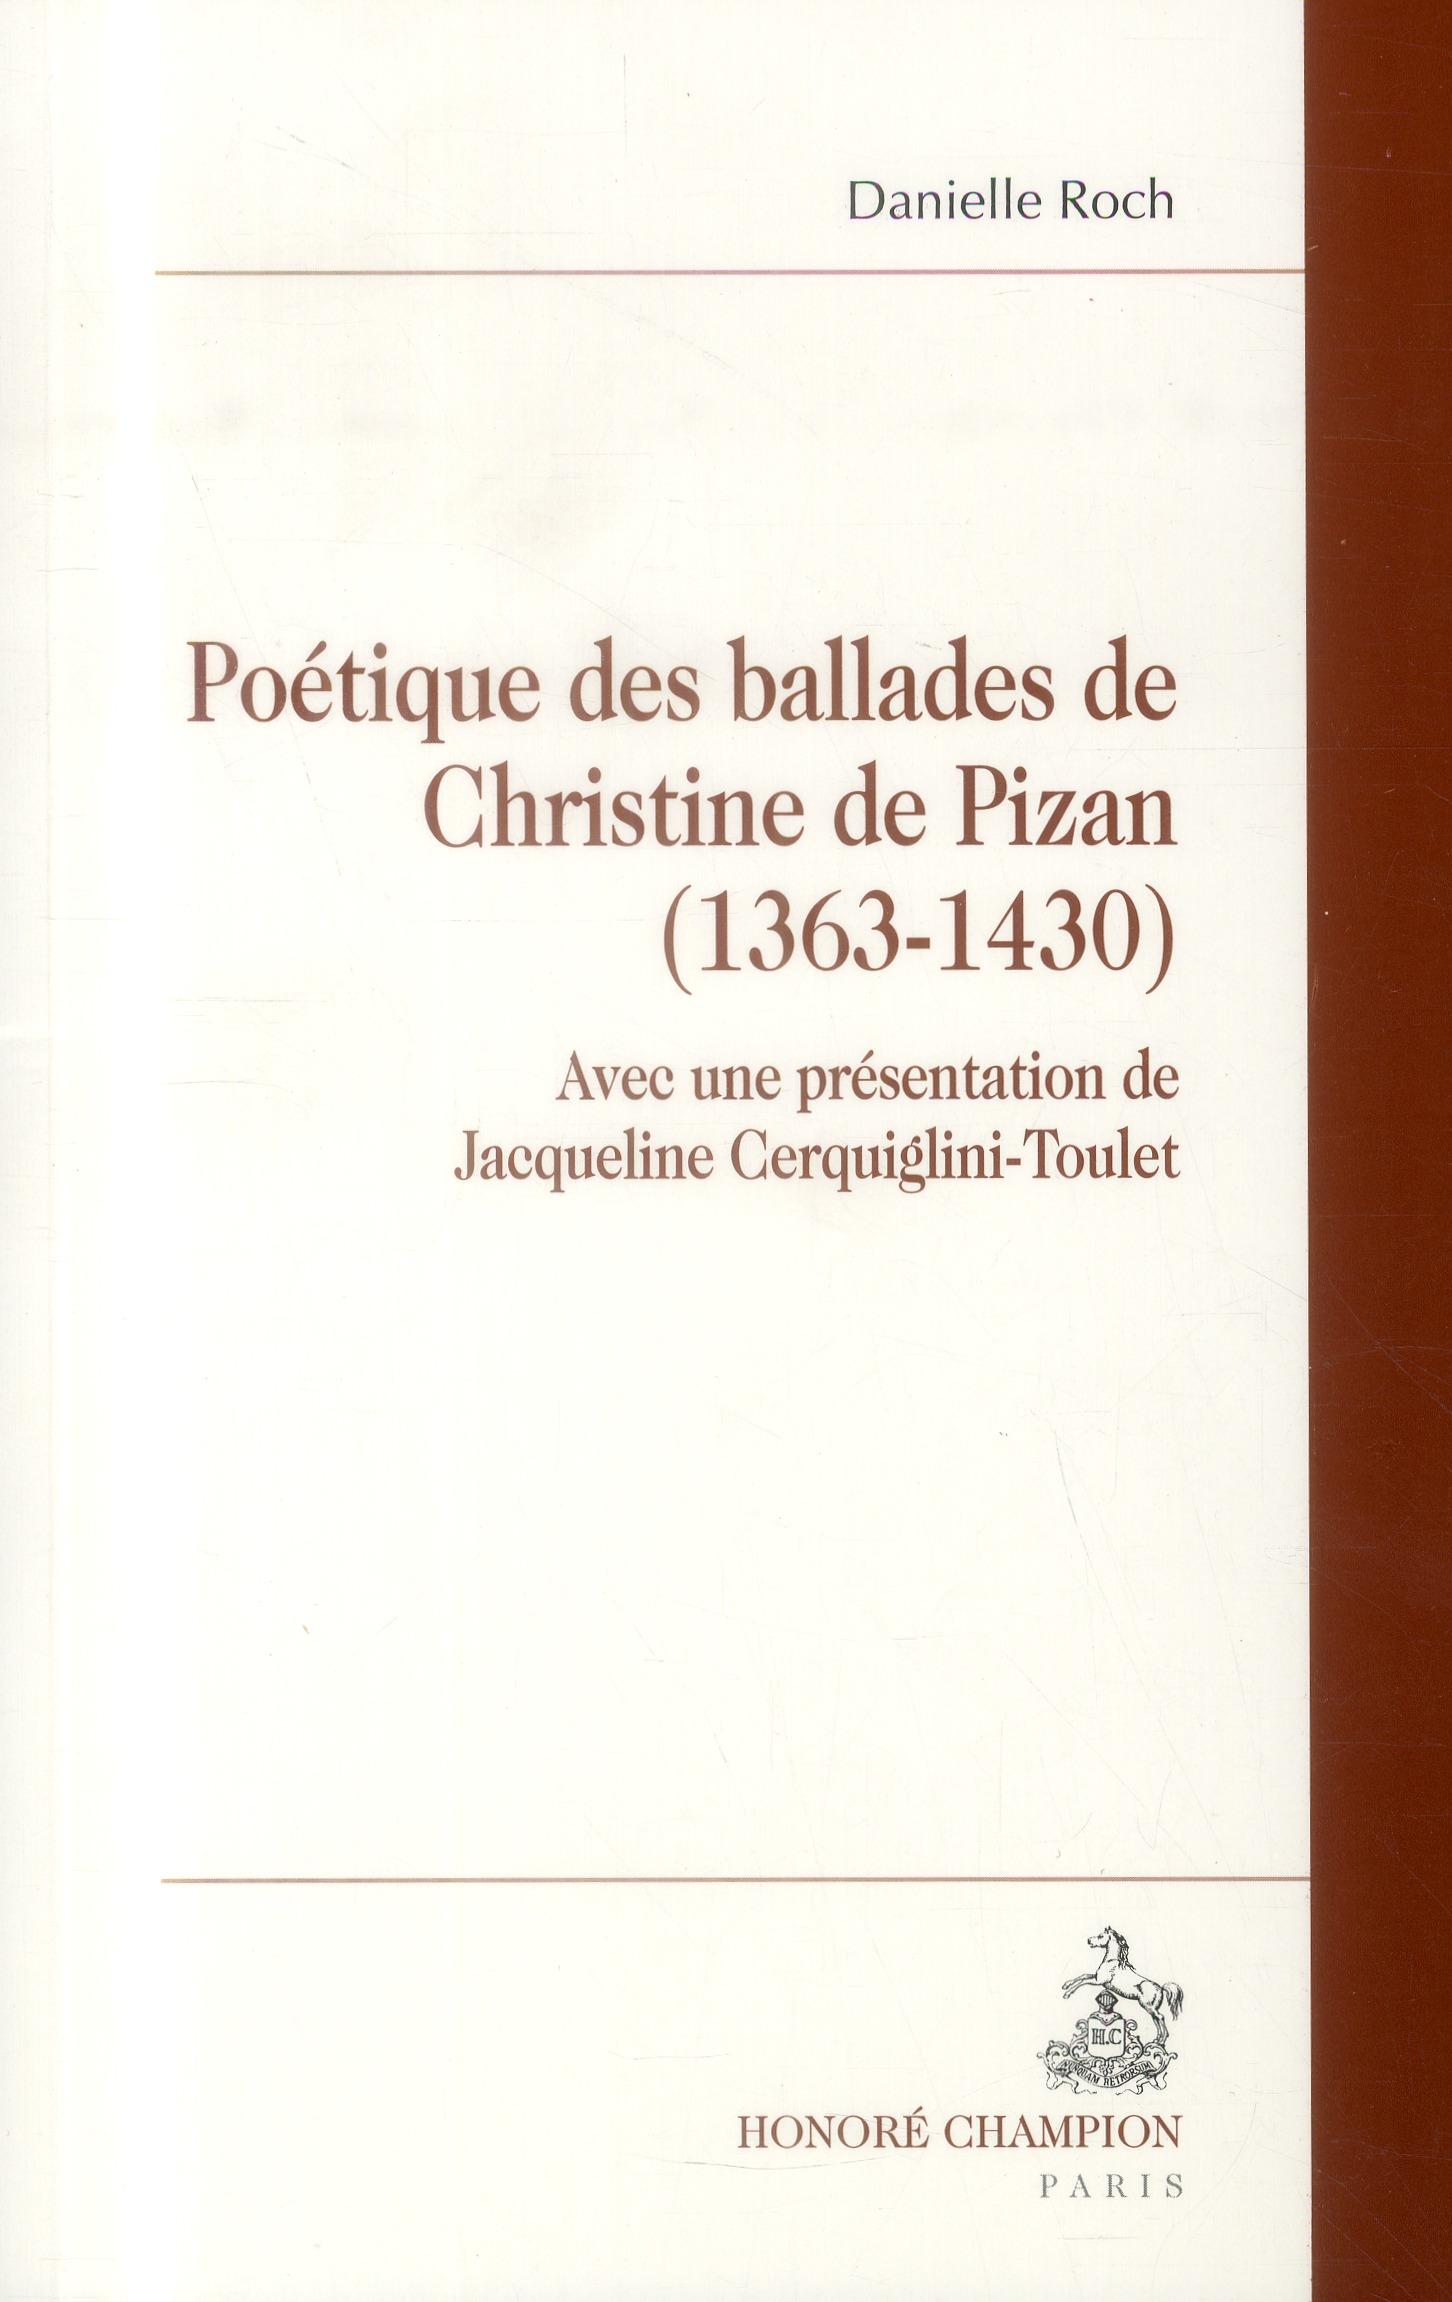 Poétique des ballades de Christine de Pizan (1363-1430)